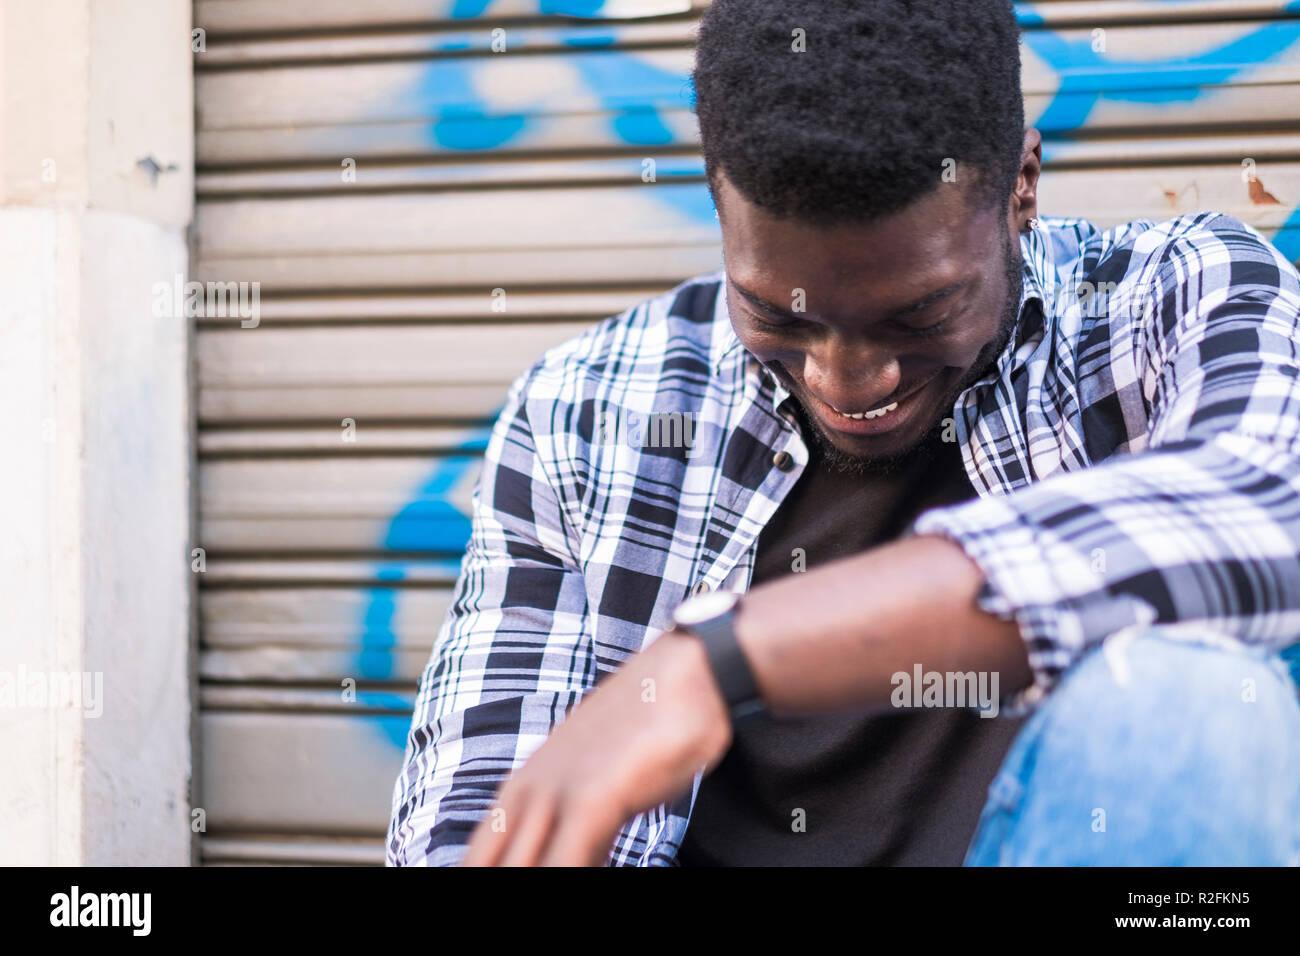 Schöne fröhliche schönen jungen schwarzen afrikanischen amerikanischen lächeln und Spaß beim Sitzen und in der Stadt mit dem städtischen Hintergrund entspannen. jugendlich Konzept für Hipster style Teenager boy Stockbild